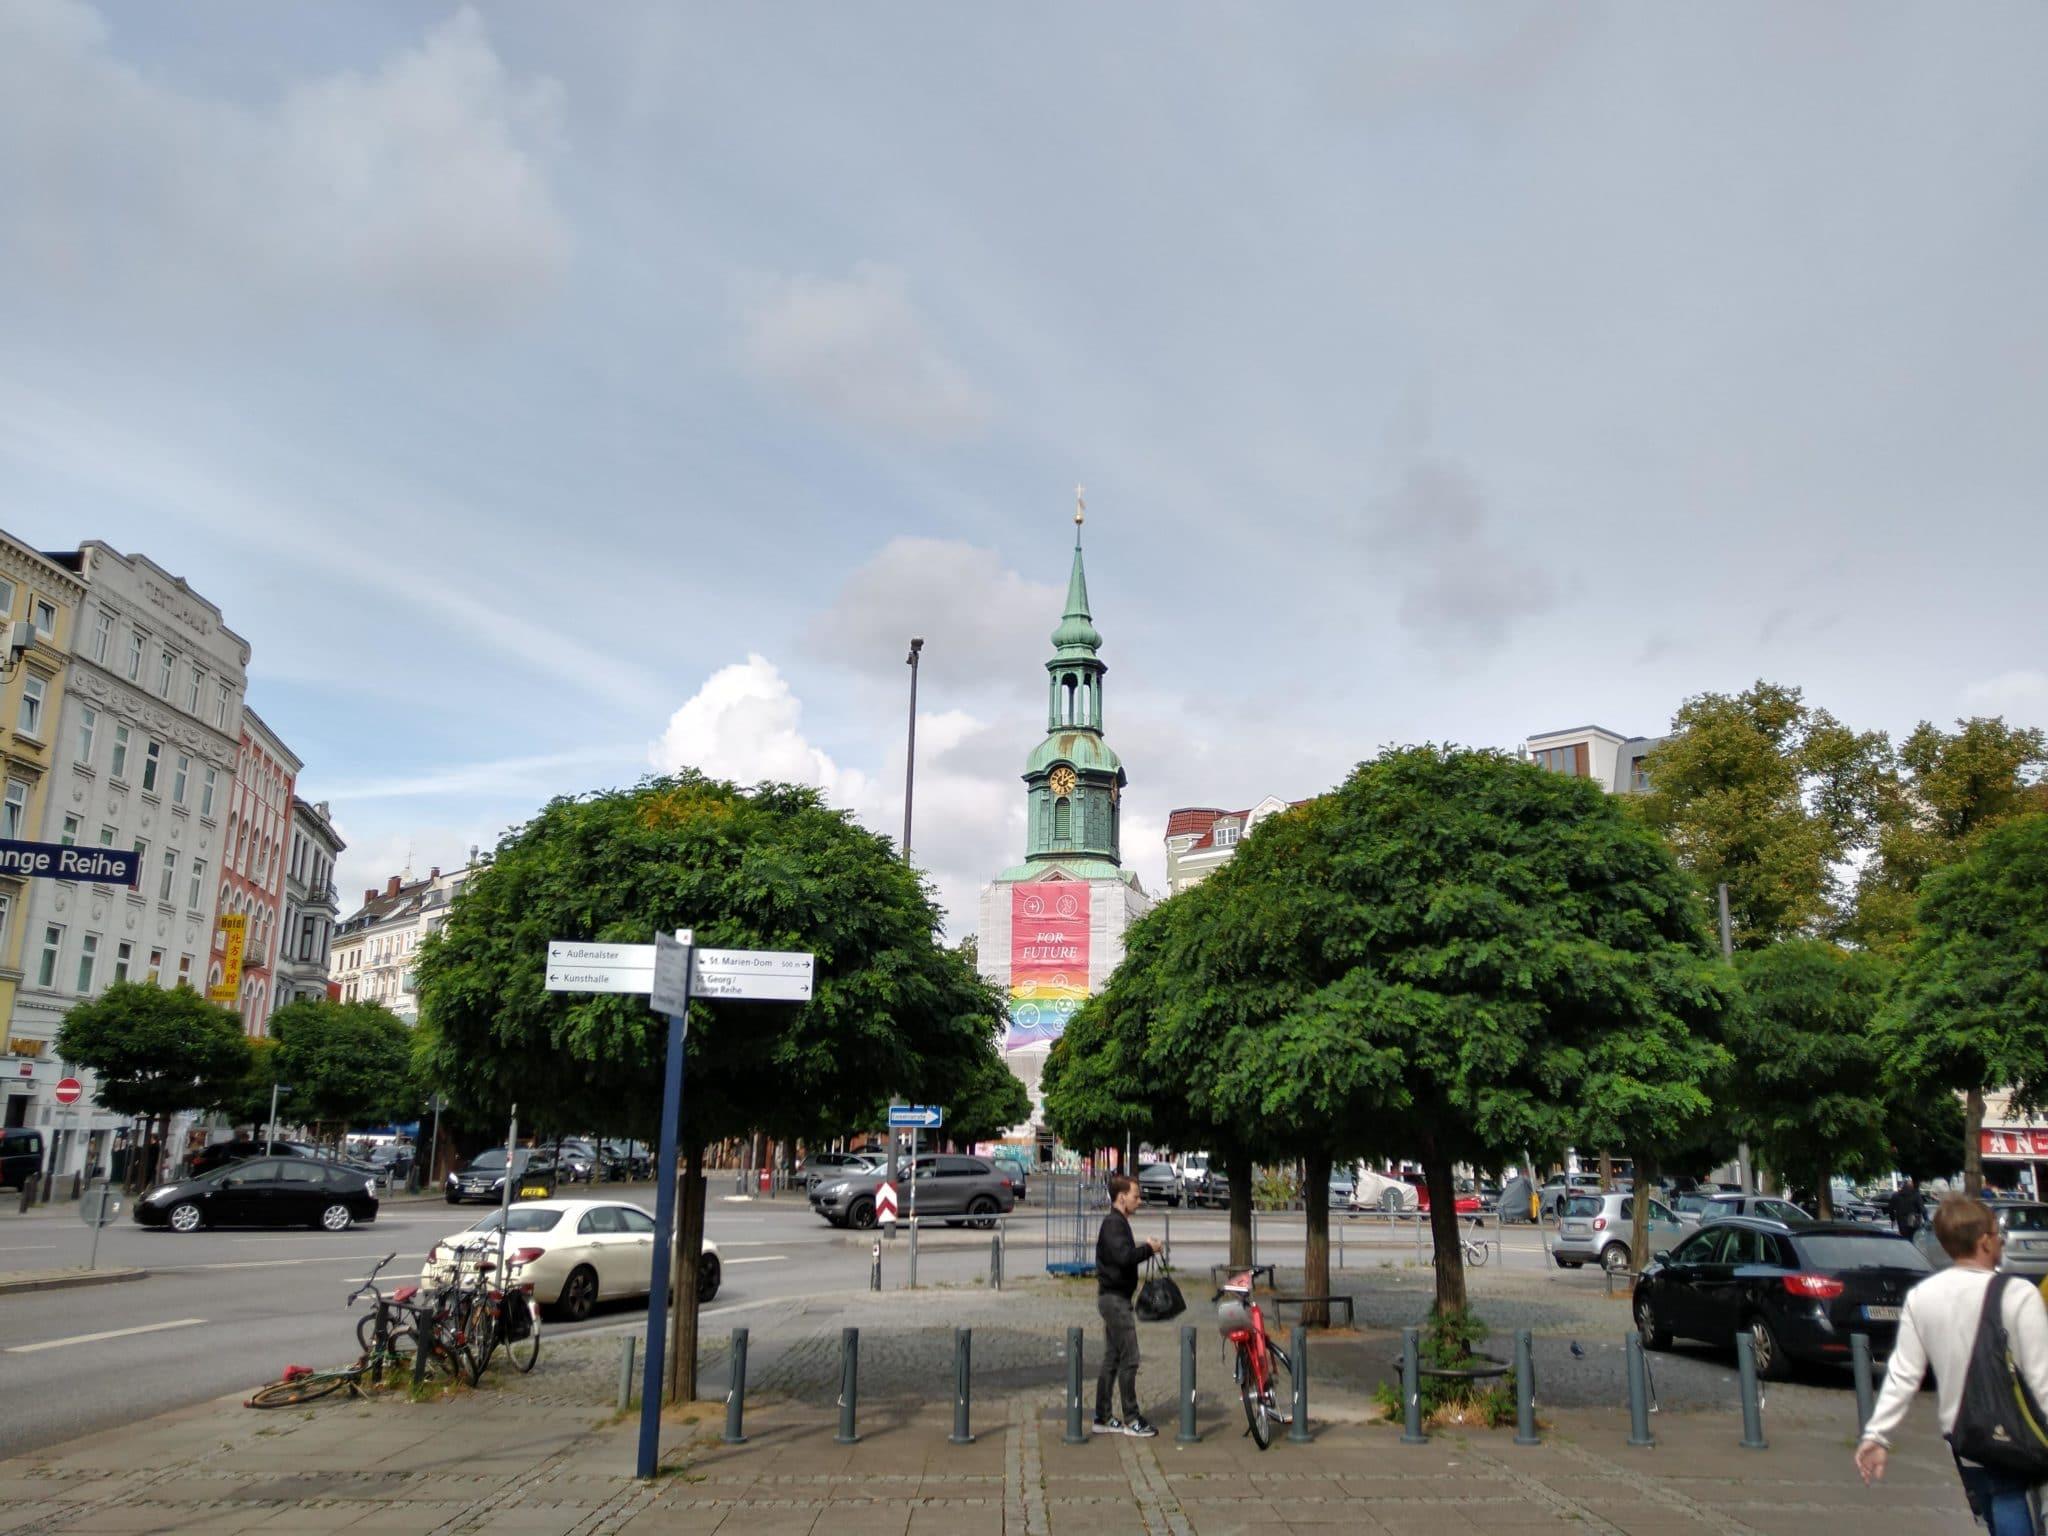 Wochenende in Hamburg: Wochenendtipps, Festivals, Partys, Flohmärkte, Straßenfeste, Events